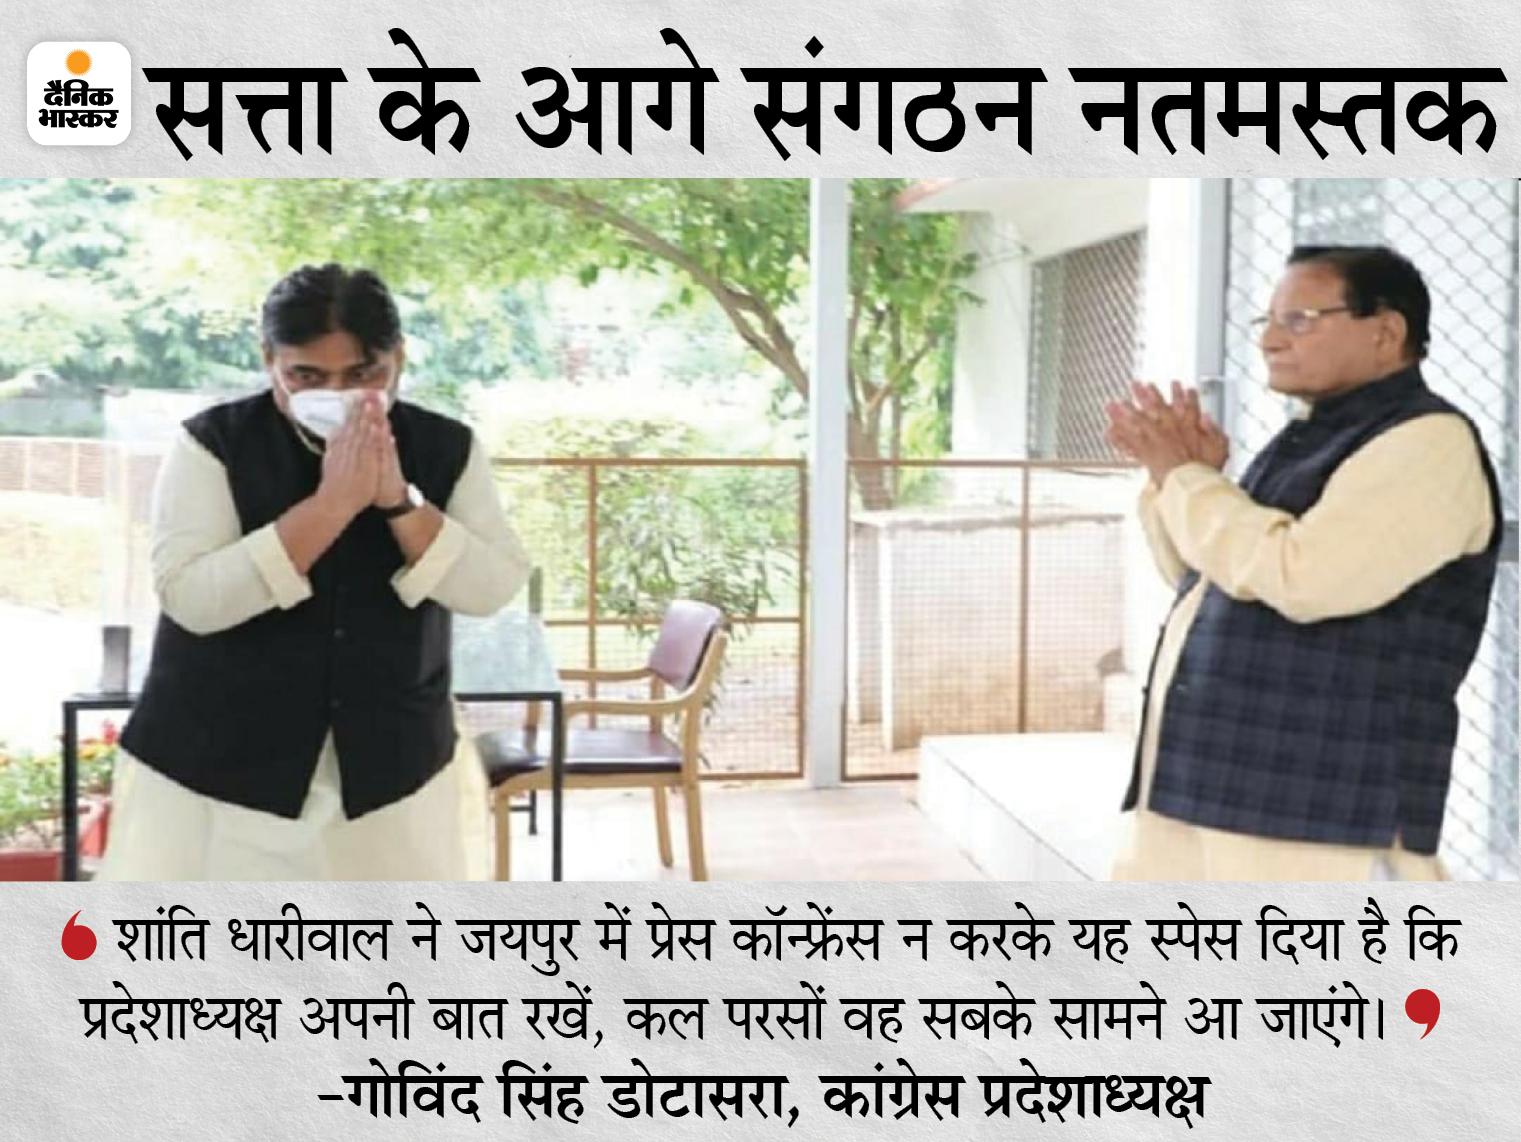 धारीवाल के प्रदेशाध्यक्ष का आदेश नहीं मानने के सवाल पर बोले डोटासरा- कांग्रेस में सीनियर लोग प्रोटोकॉल का ज्यादा ही पालन करते हैं, कैबिनेट बैठक में यही फॉलो हुआ|जयपुर,Jaipur - Dainik Bhaskar